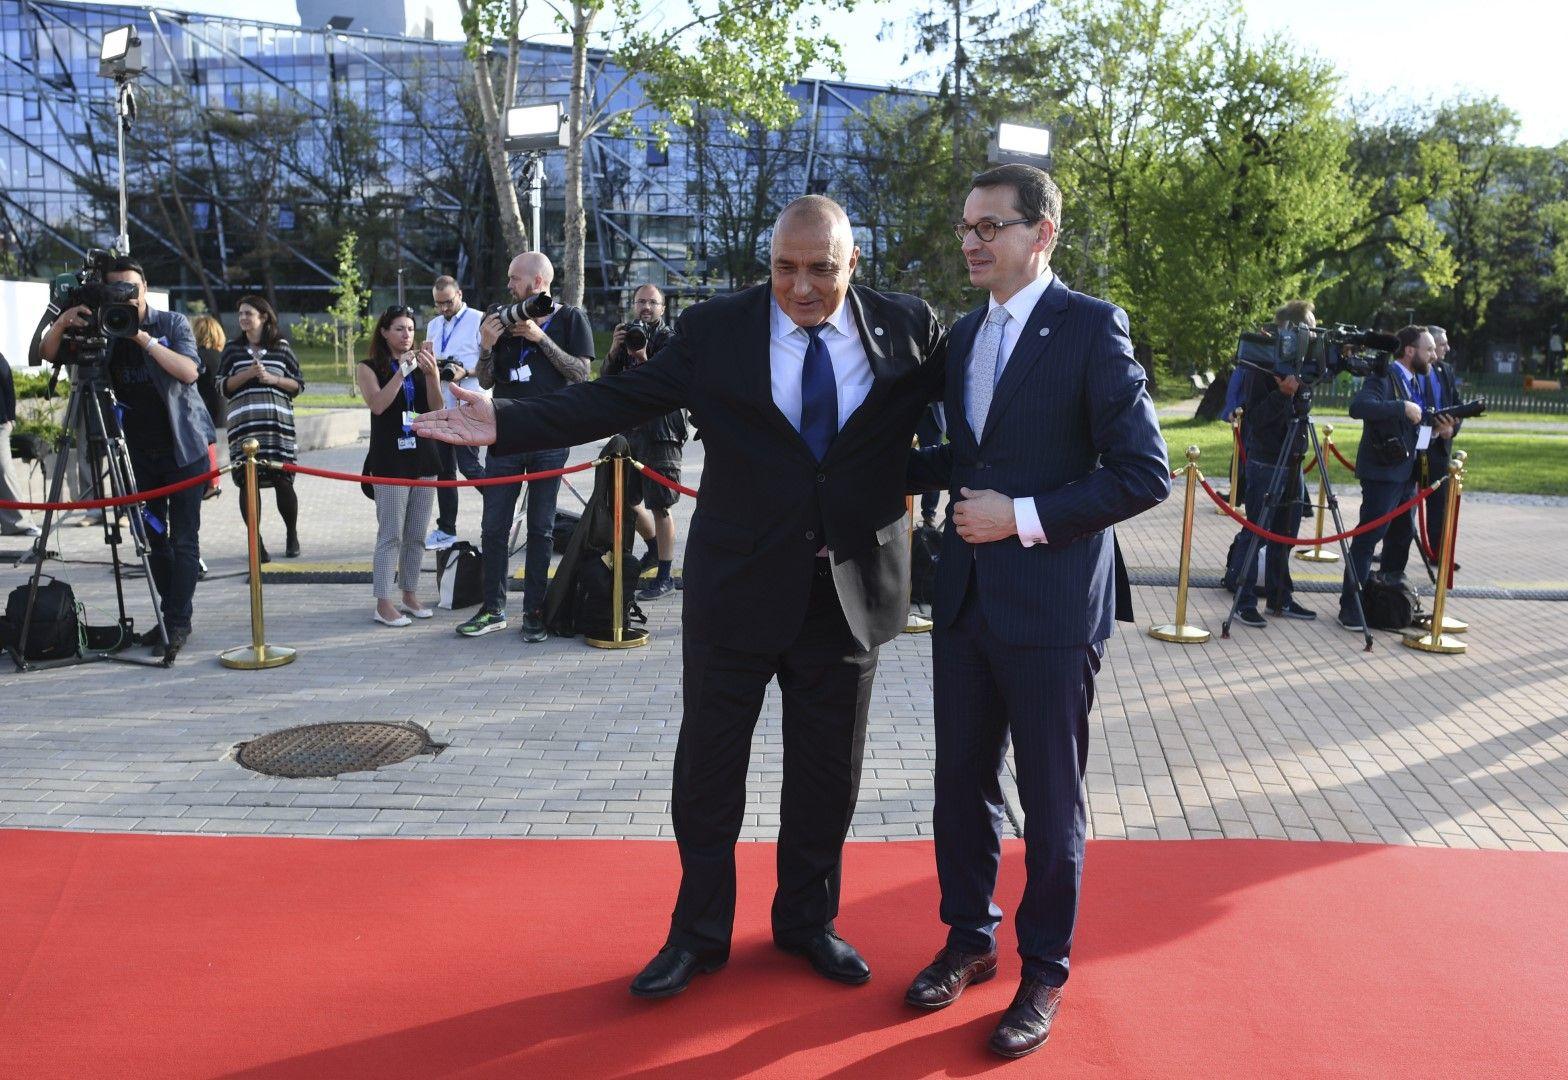 Бойко Борисов с премиера на Полша - Матеуш Моравецки